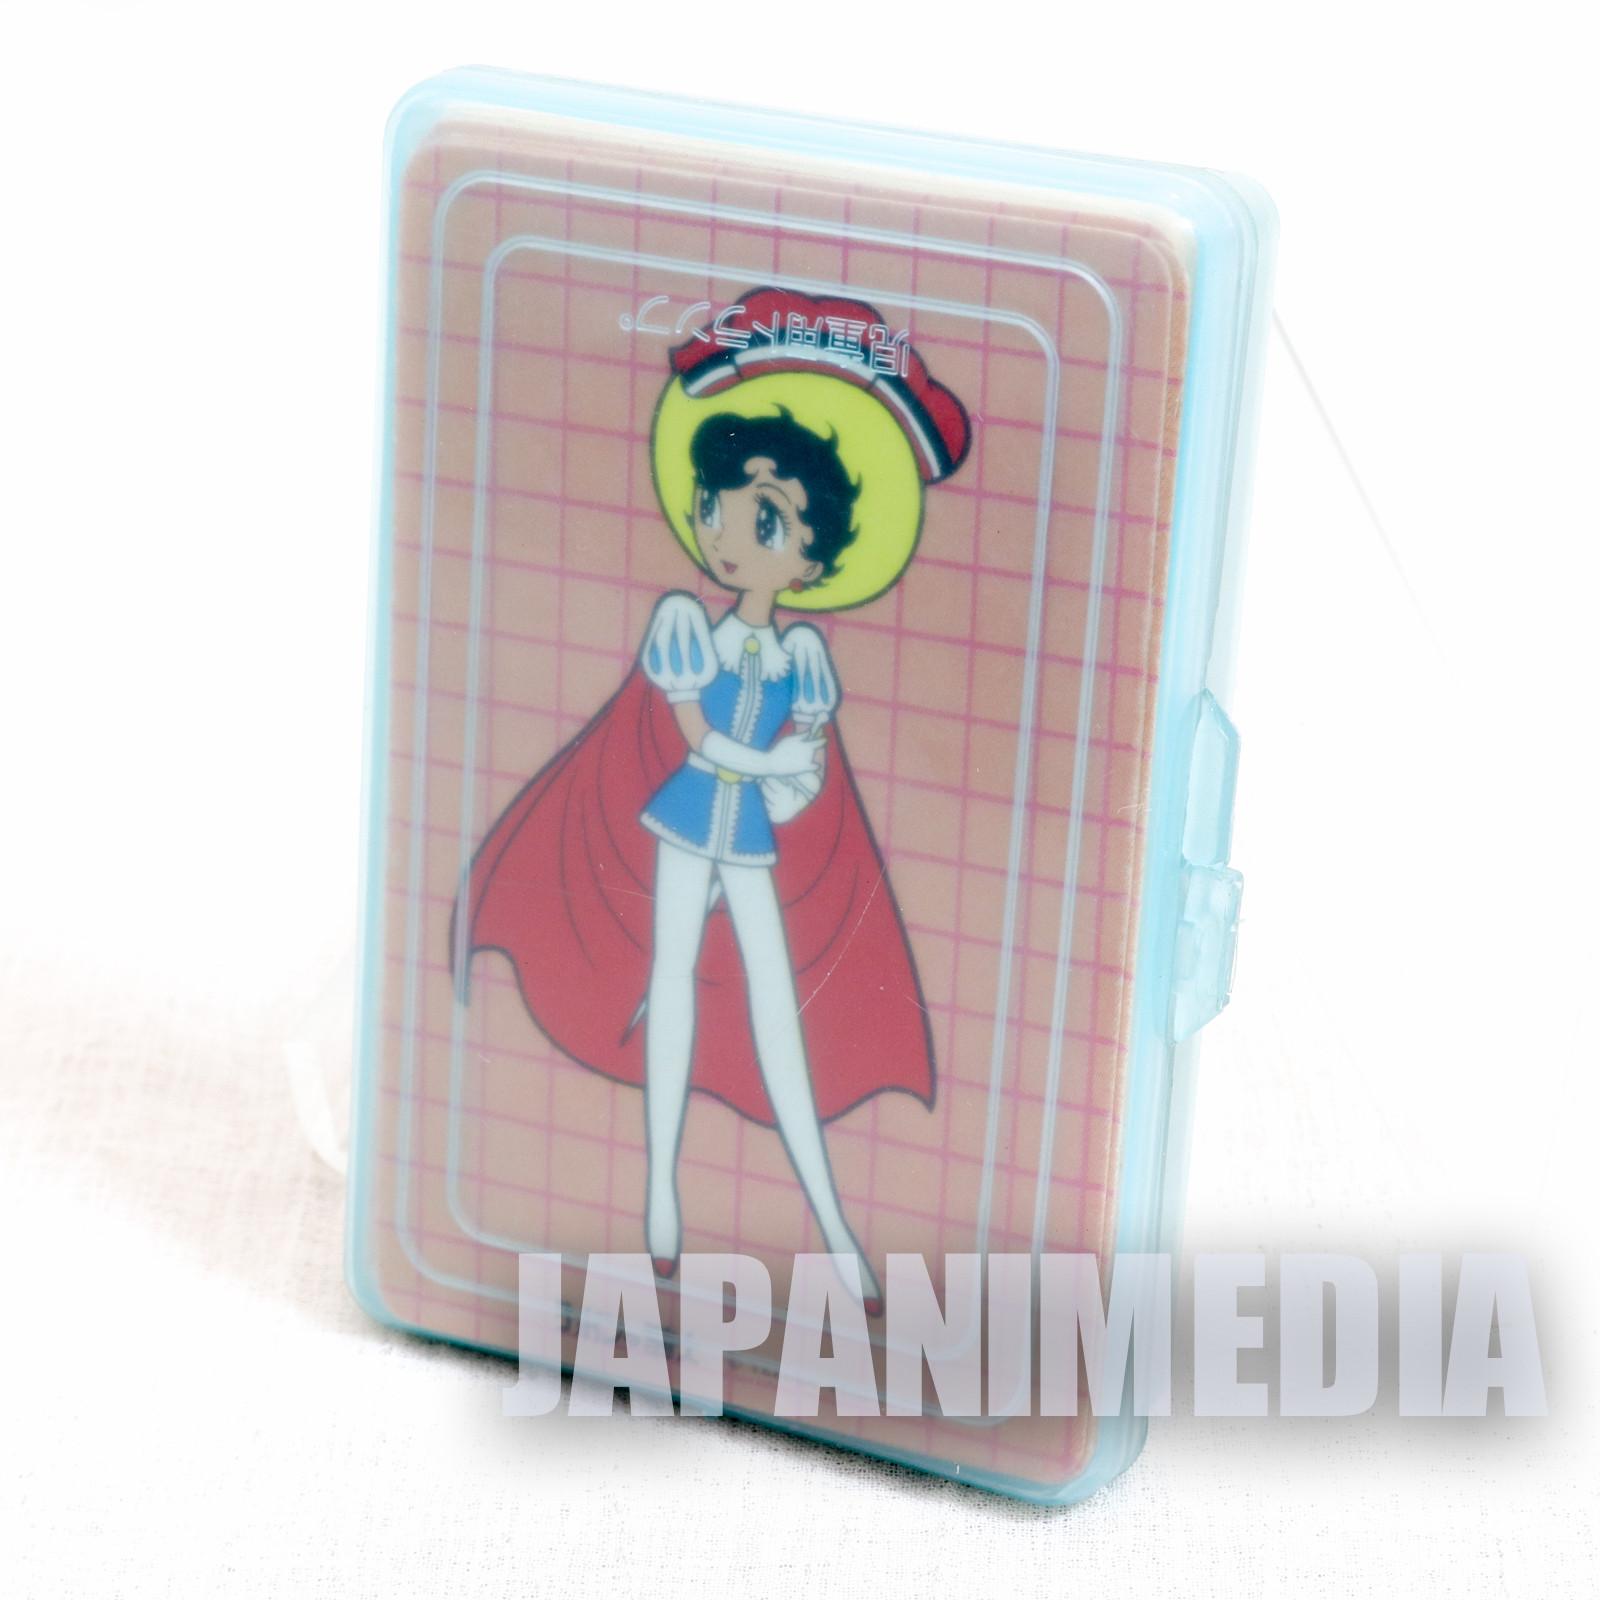 Retro Princess Knight Sapphire Trump Playing Cards #2 Tezuka Osamu JAPAN